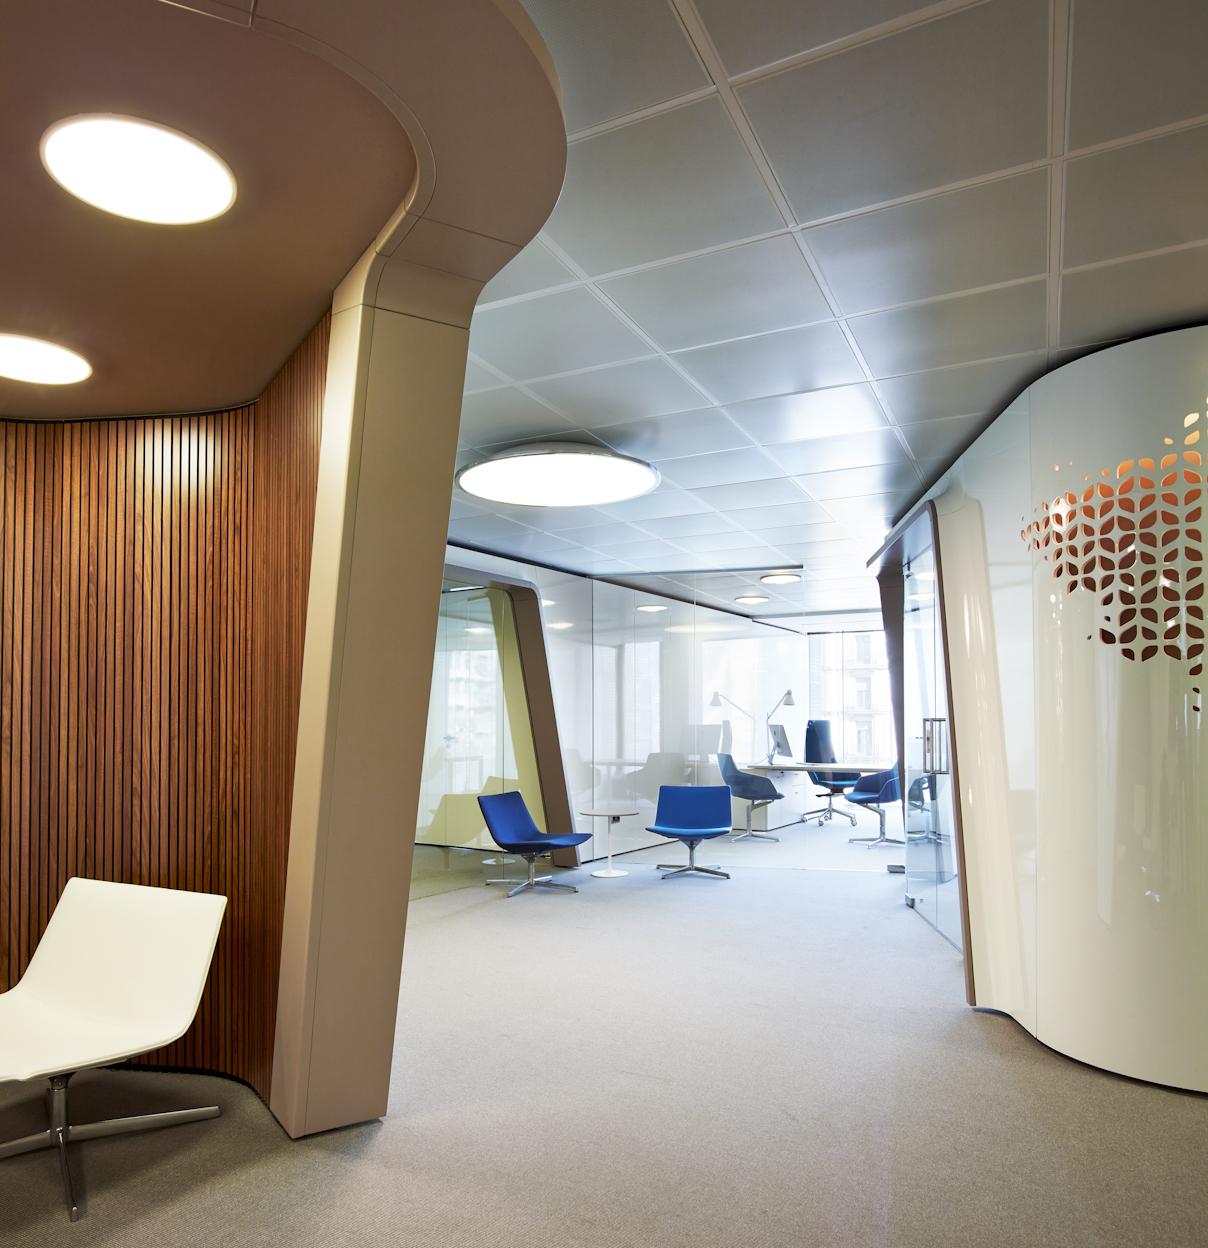 طرحی خاص برای دفتر مرکزی یک کمپانی در بارسلون